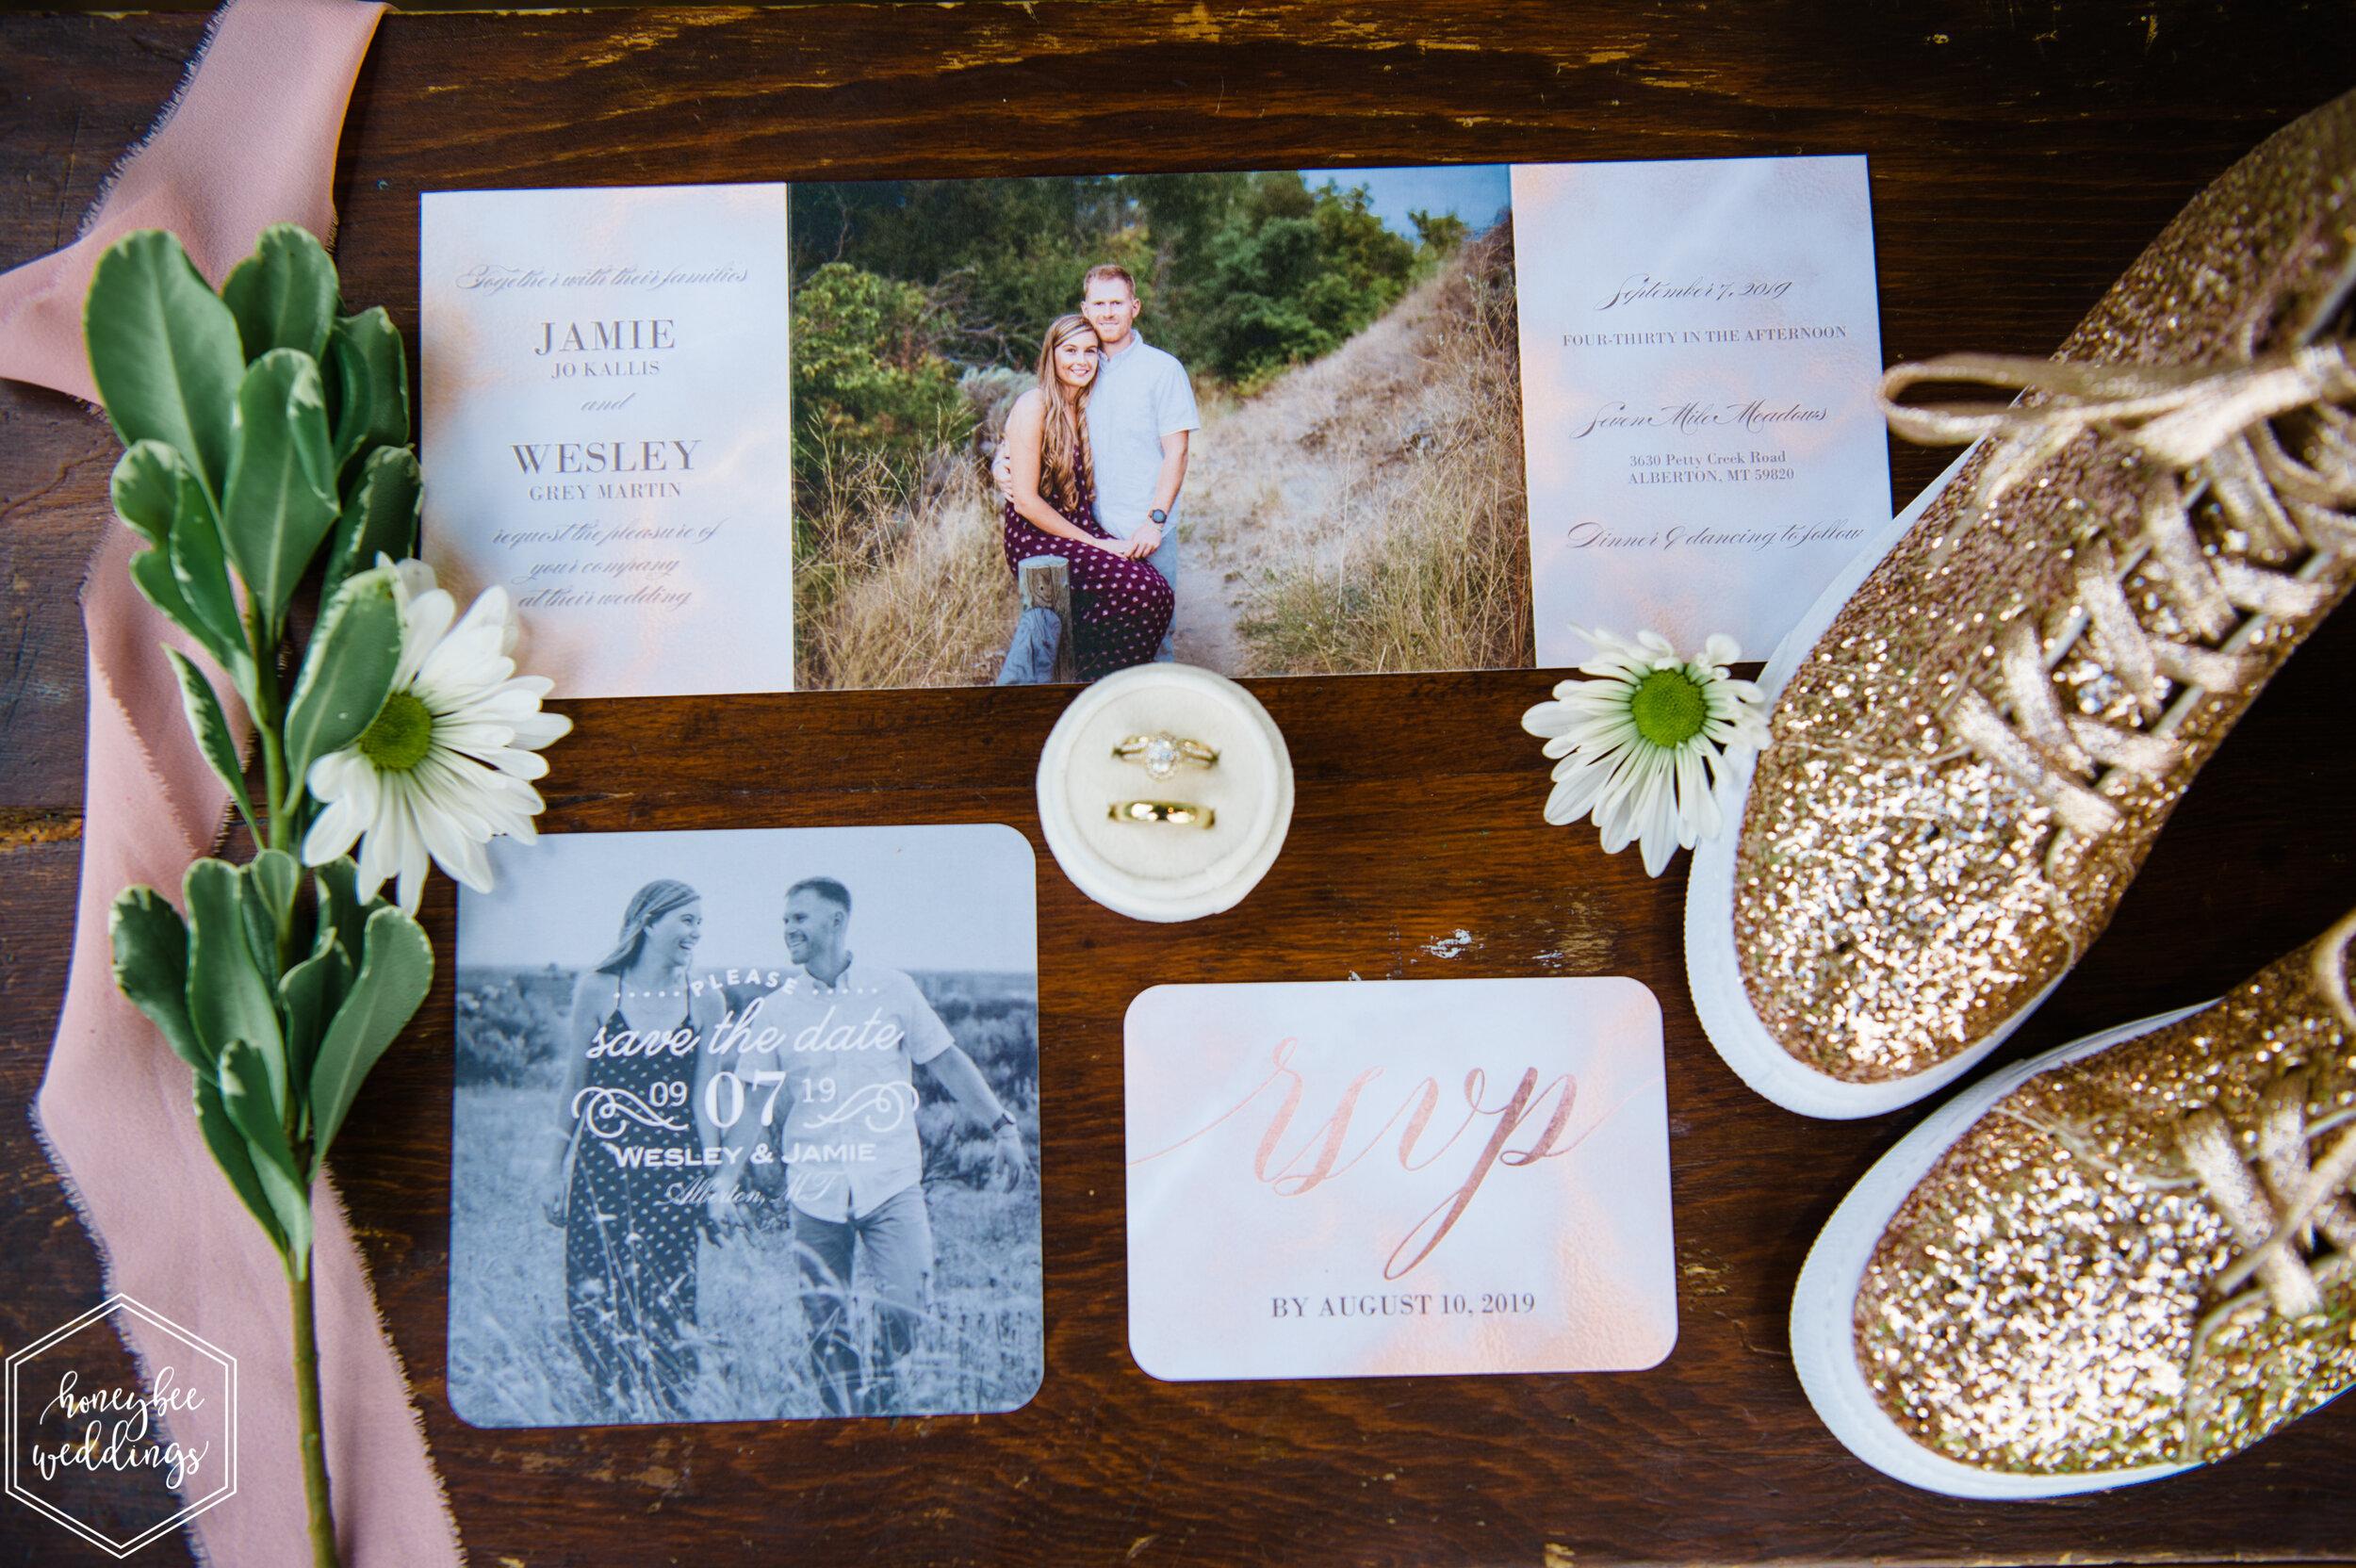 002Seven Mile Meadows Wedding_Montana Wedding Photographer_Jamie & Wes_Honeybee Weddings_September 07, 2019-6.jpg